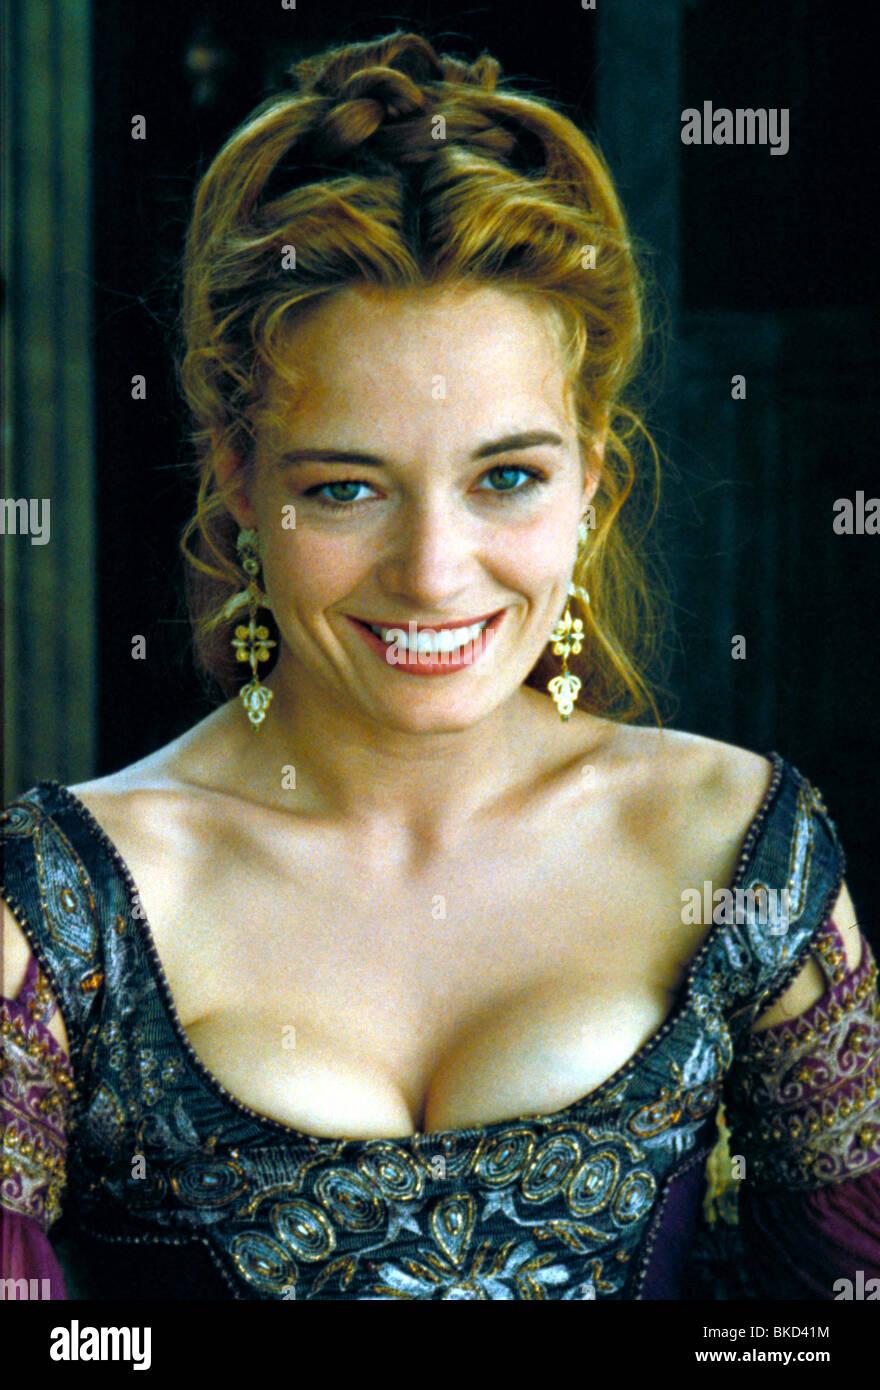 Catherine mccormack nude braveheart - 3 9